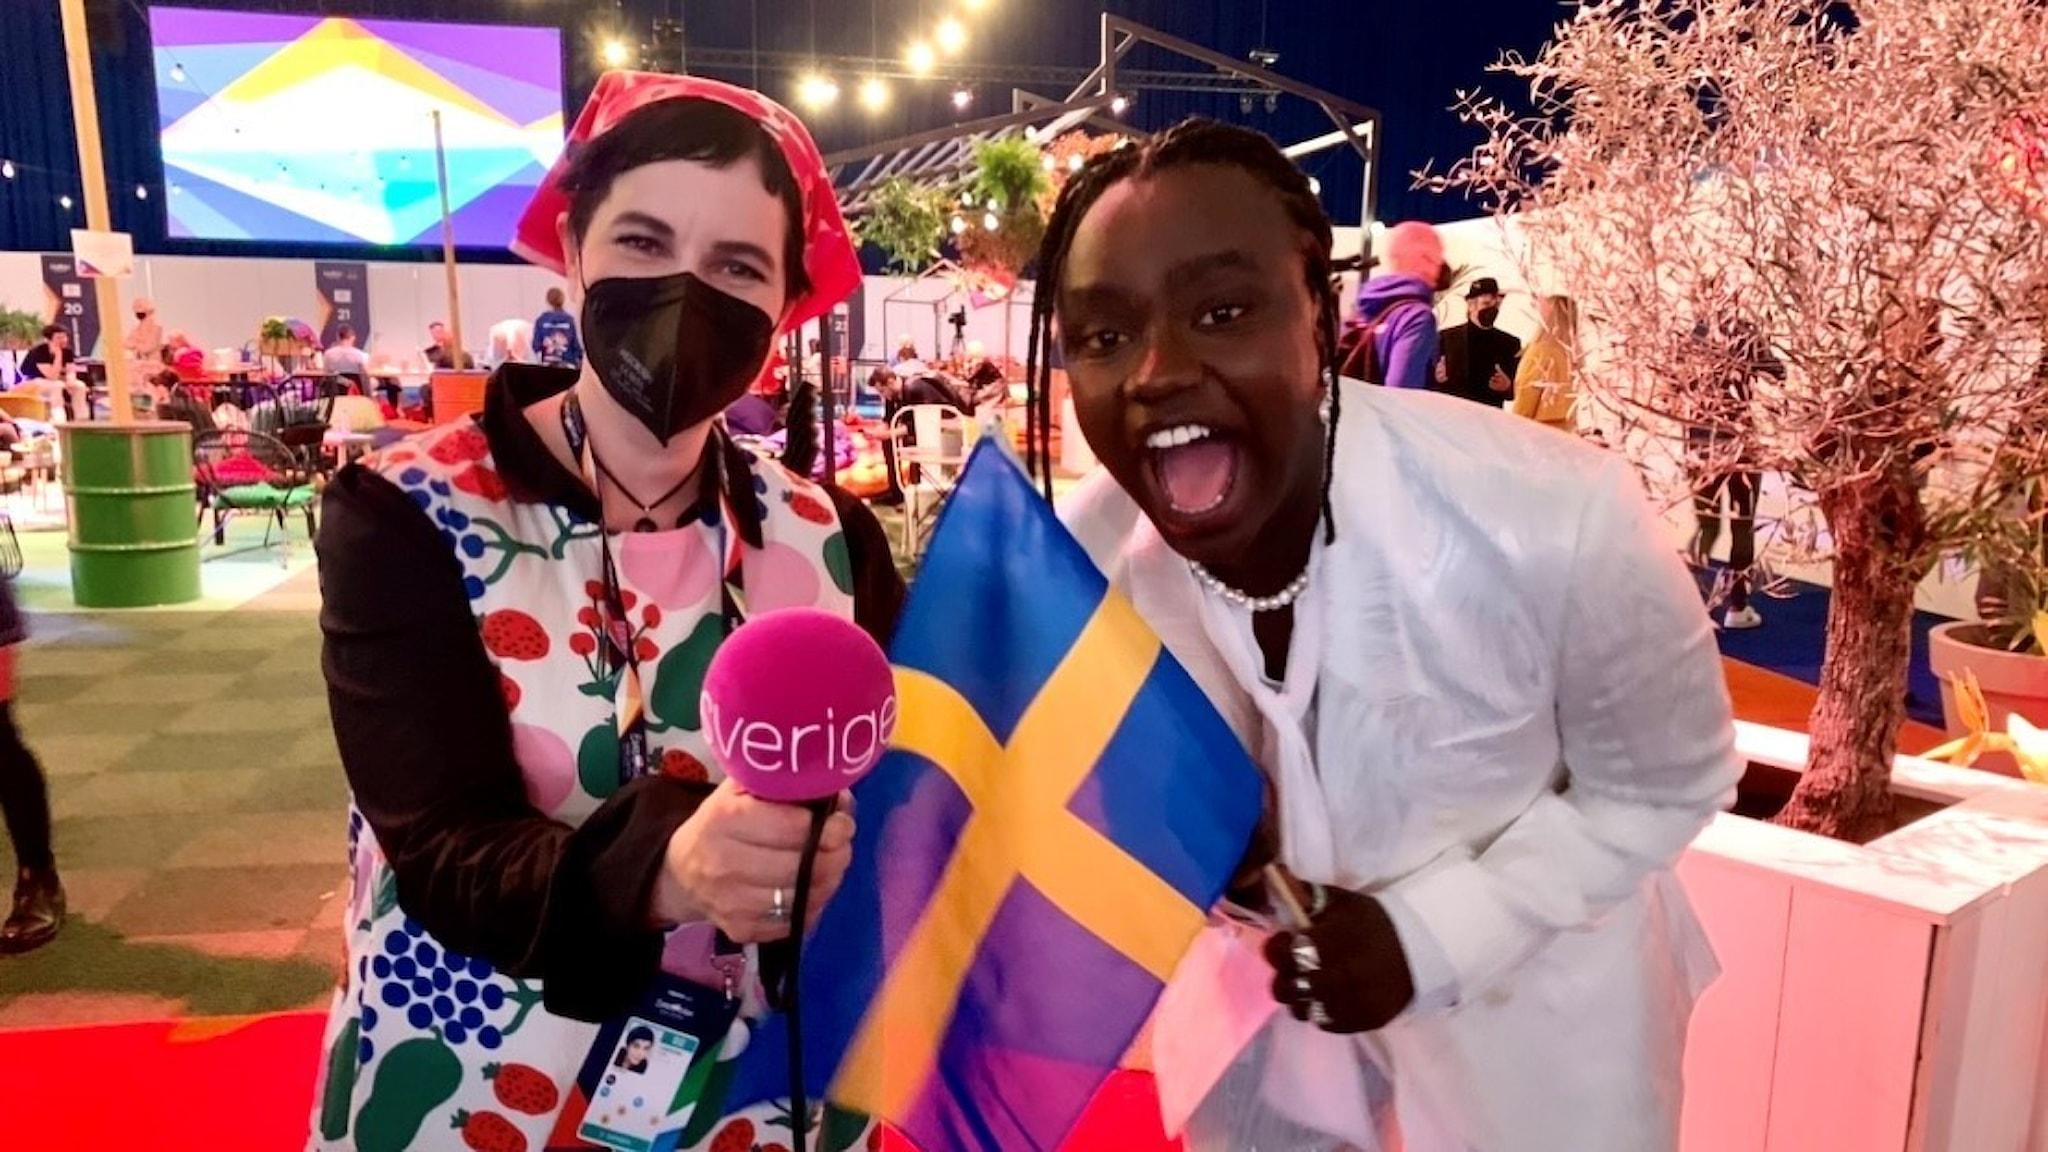 """Efter två års väntan var det äntligen dags igen för den första semifinalen i Eurovision Song Contest. 16 länder tävlade men bara 10 gick till final. Hör hur det gick för Sverige. Sveriges Radios expertkommentator Carolina Norén sammanfattar direkt från Ahoy arena i Rotterdam. Här är länderna som går vidare till final i Eurovision 2021 från semifinal 1: Norge – TIX """"Fallen Angel""""  Israel – Eden Alene """"Set Me Free""""  Ryssland – Manizha """"Russian Woman""""  Azerbajdzjan – Efendi """"Mata Hari""""  Malta – Destiny """"Je Me Casse""""  Litauen – The Roop """"Discoteque""""  Cypern – Elena Tsagrinou """"El Diablo""""  Sverige – Tusse """"Voices""""  Belgien – Hooverphonic """"The Wrong Place""""  Ukraina – Go_A """"Shum"""". På bilden: Tusse och Carolina Norén."""